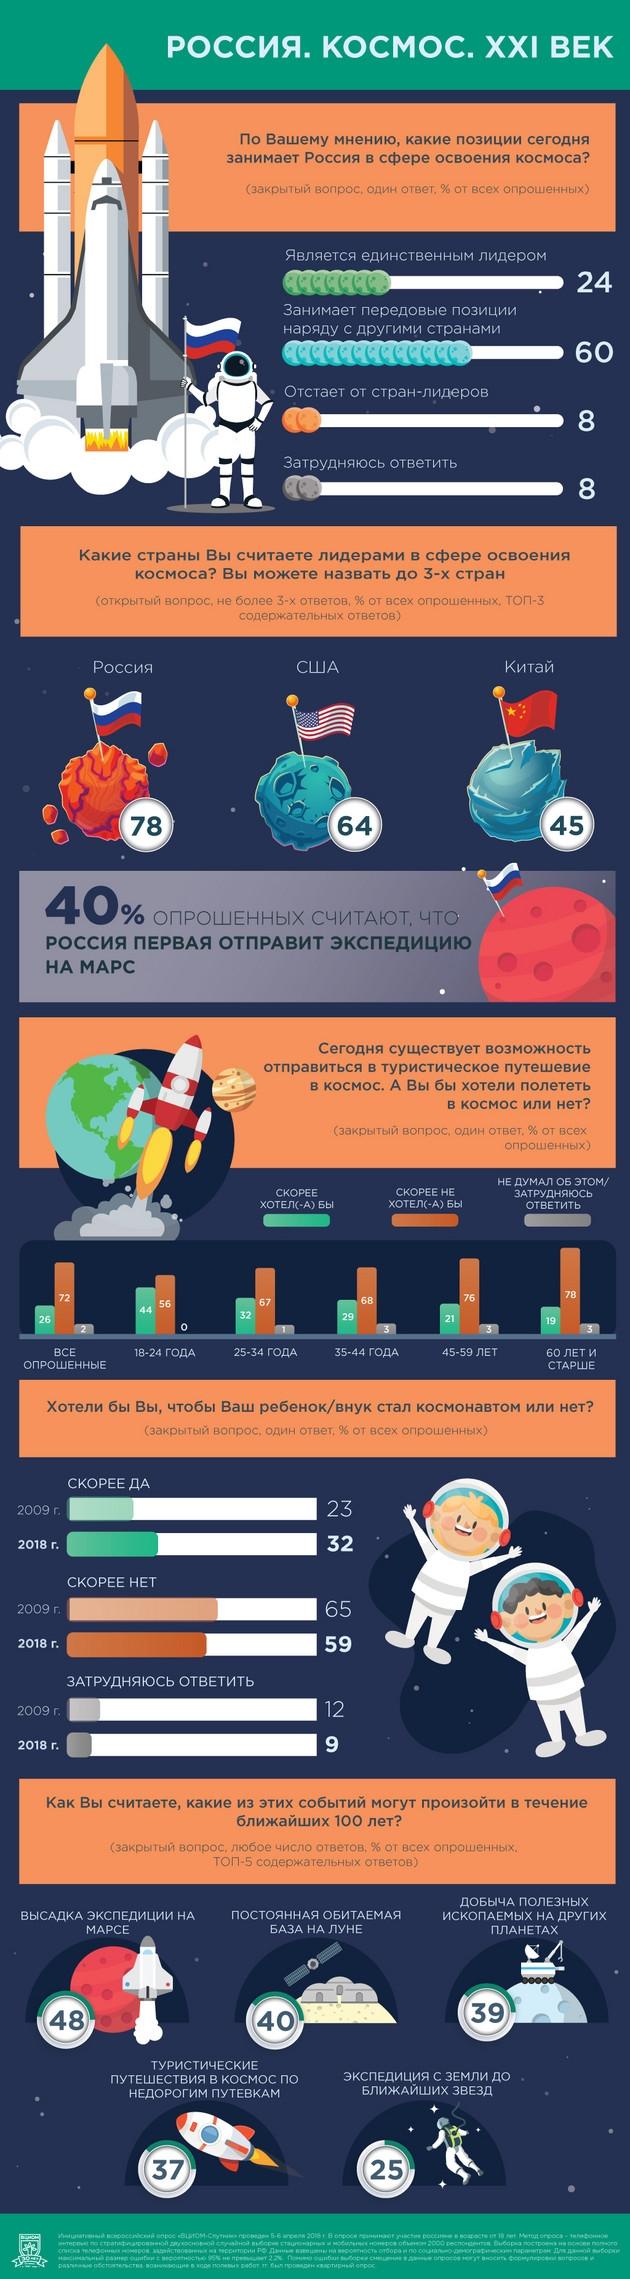 Отношение россиян к космосу в опросе ВЦИОМ